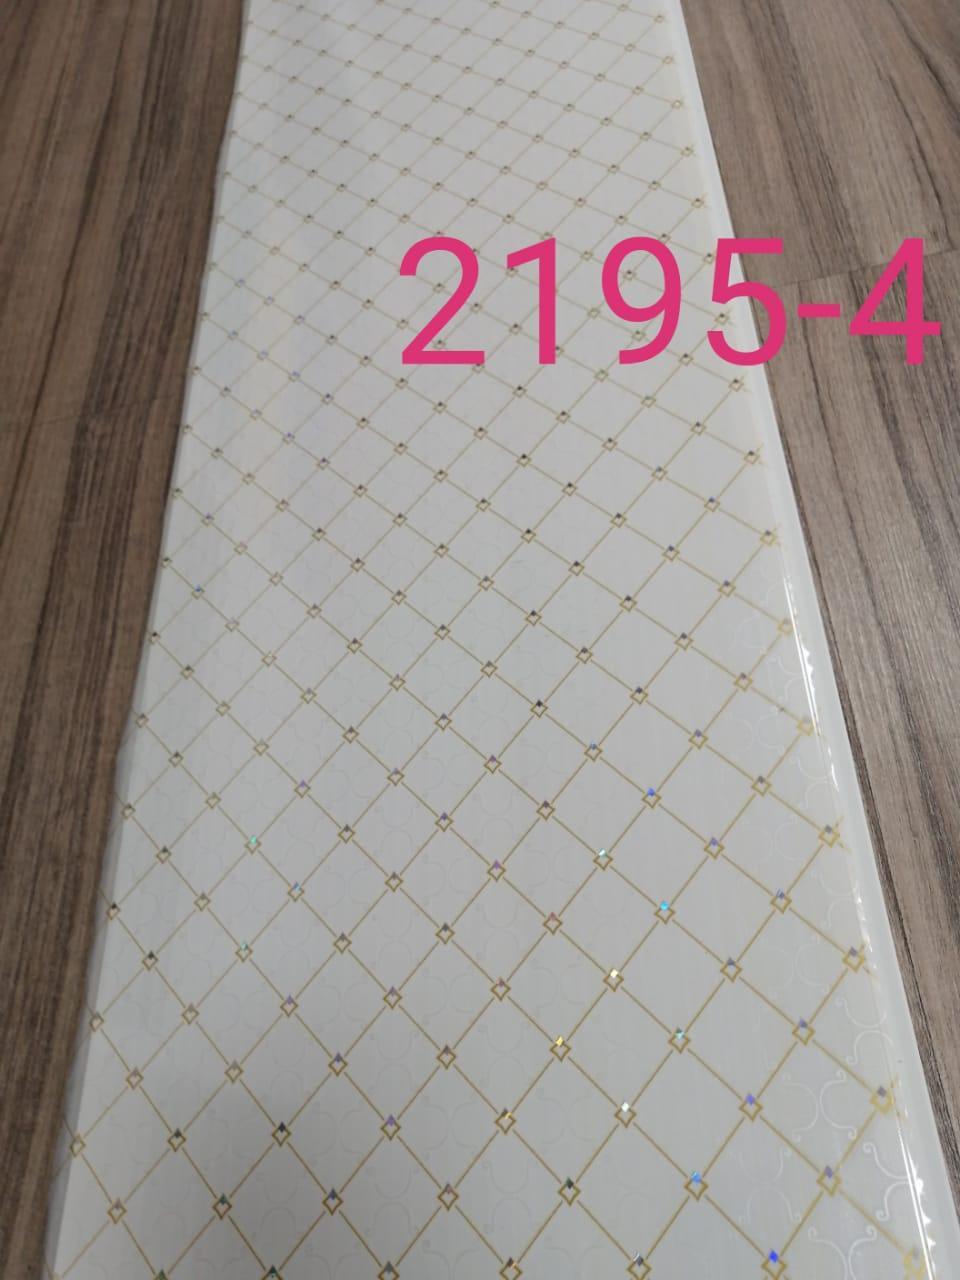 Декор панель потолочный (2195-4)